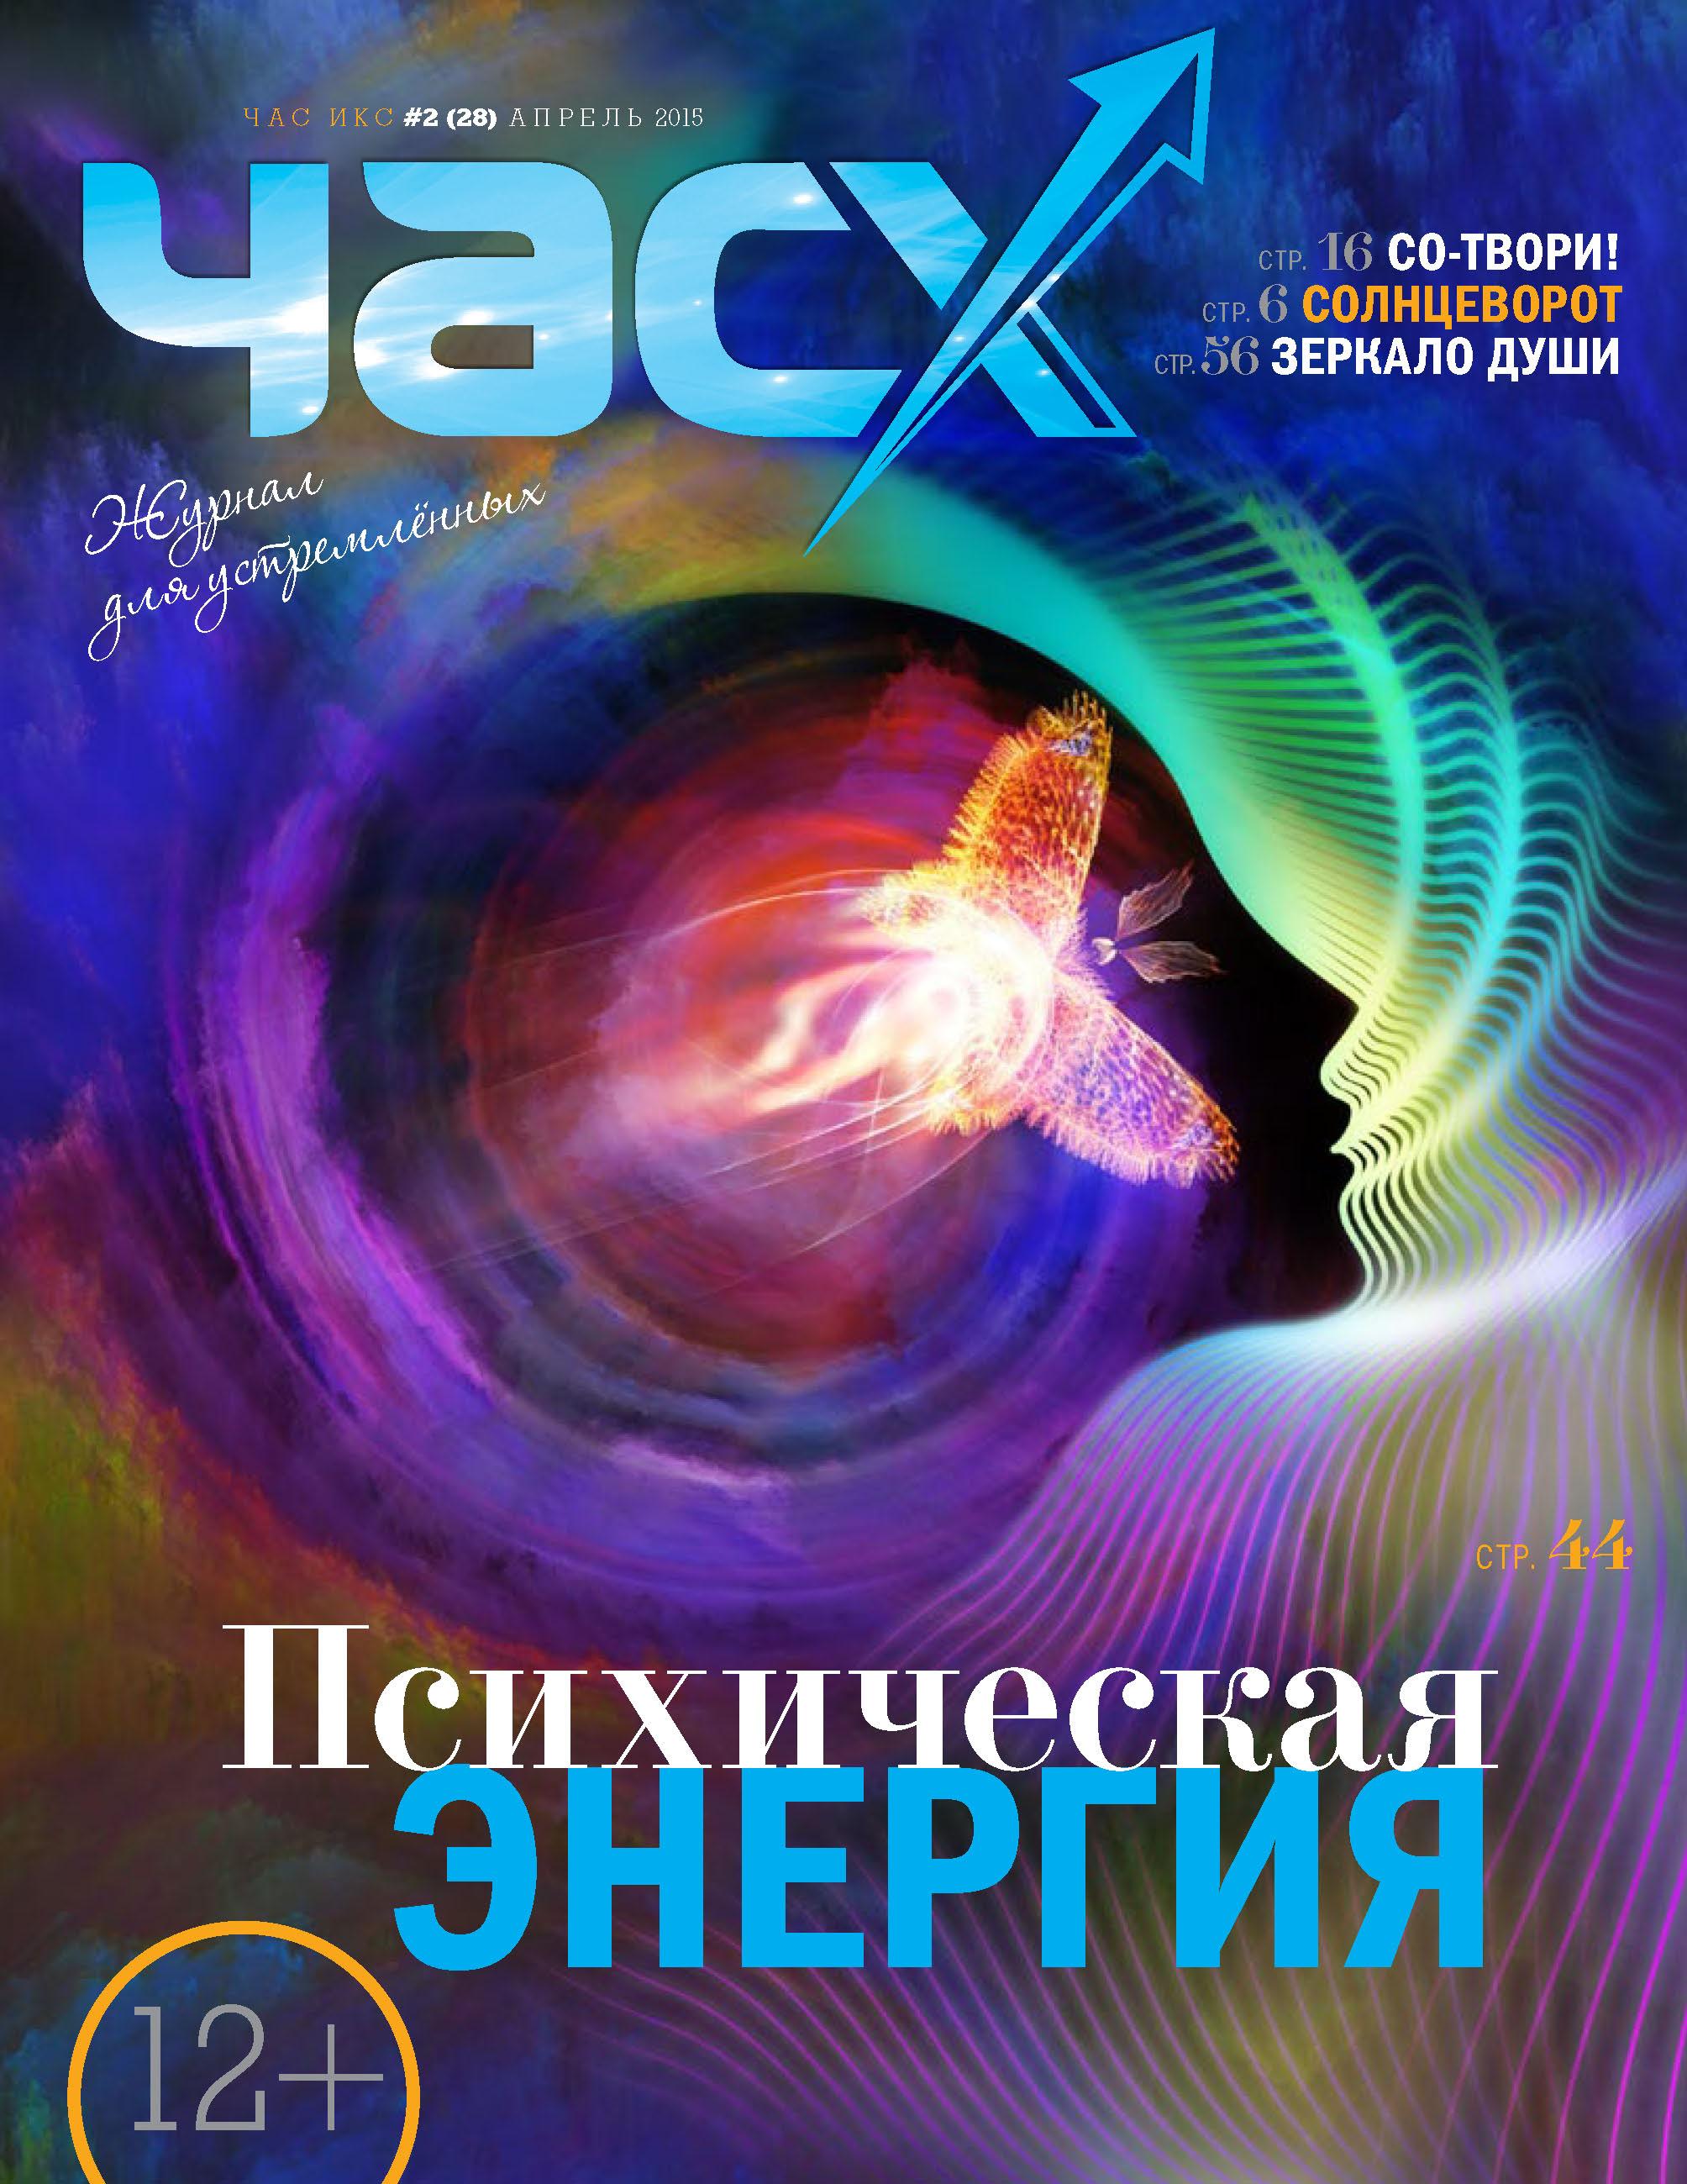 Отсутствует Час X. Журнал для устремленных. №2/2015 отсутствует час x журнал для устремленных 5 2015